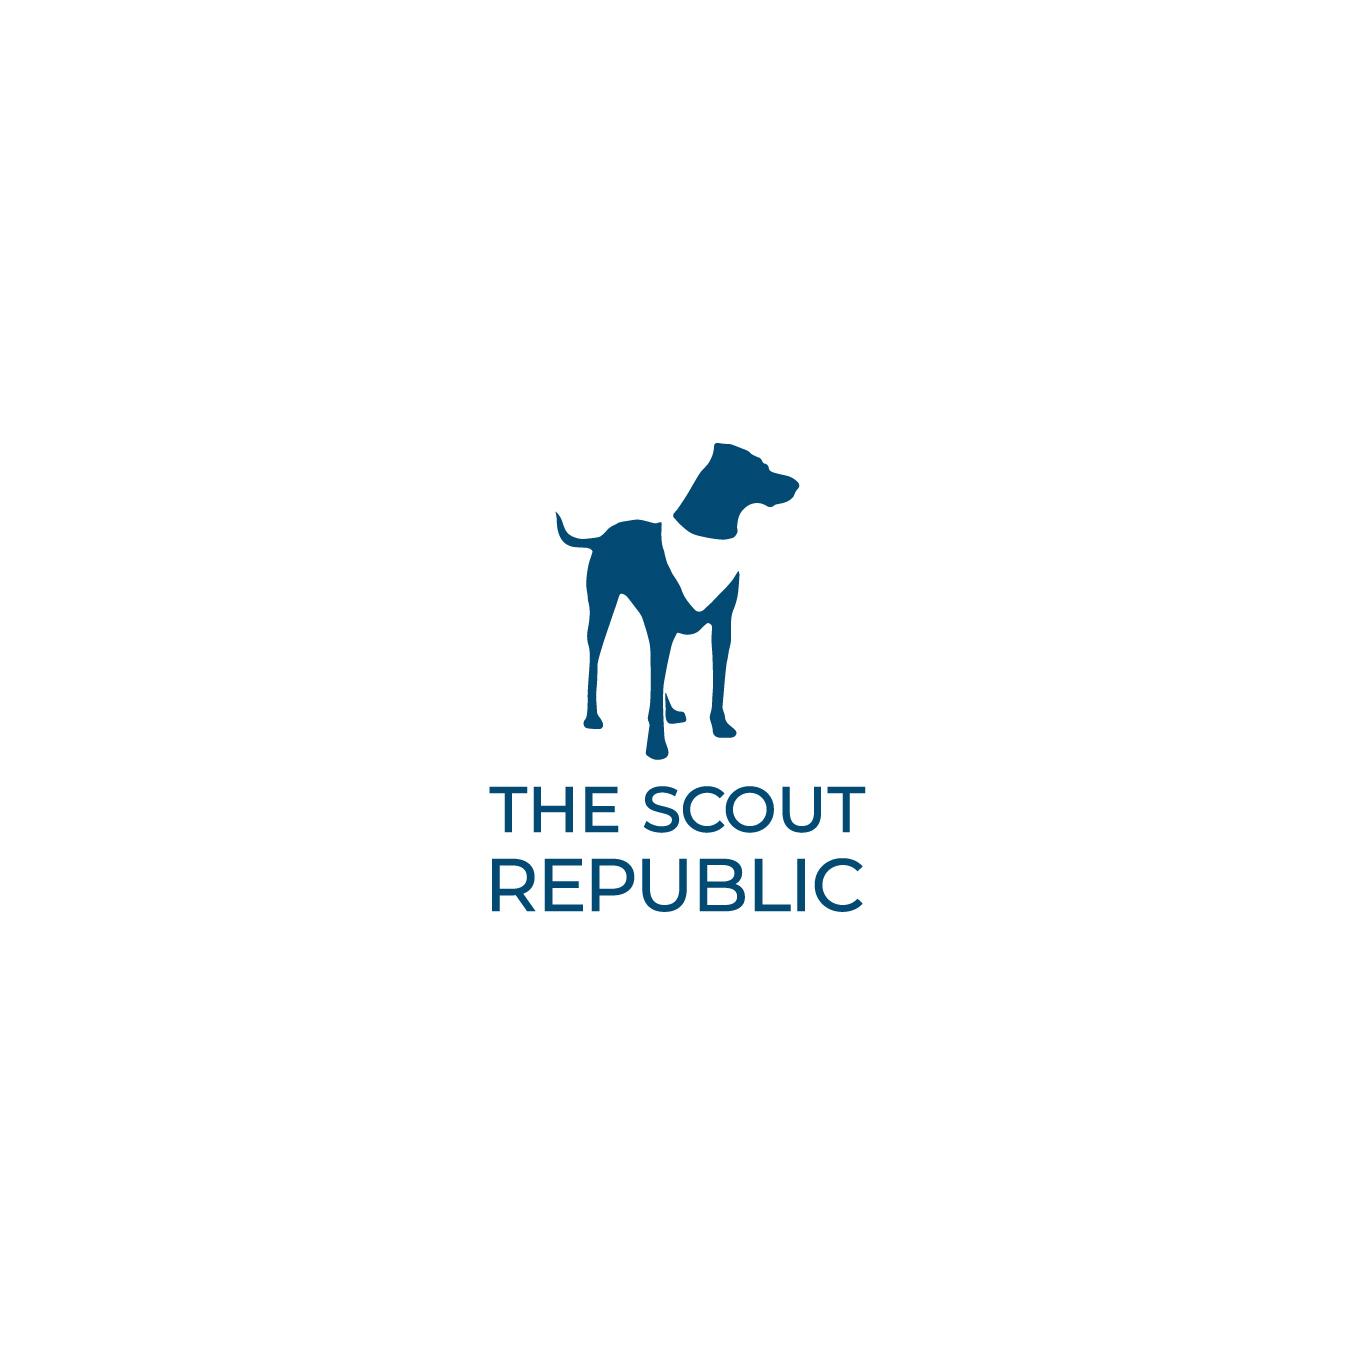 portfolio_TheScoutRepublic.jpg